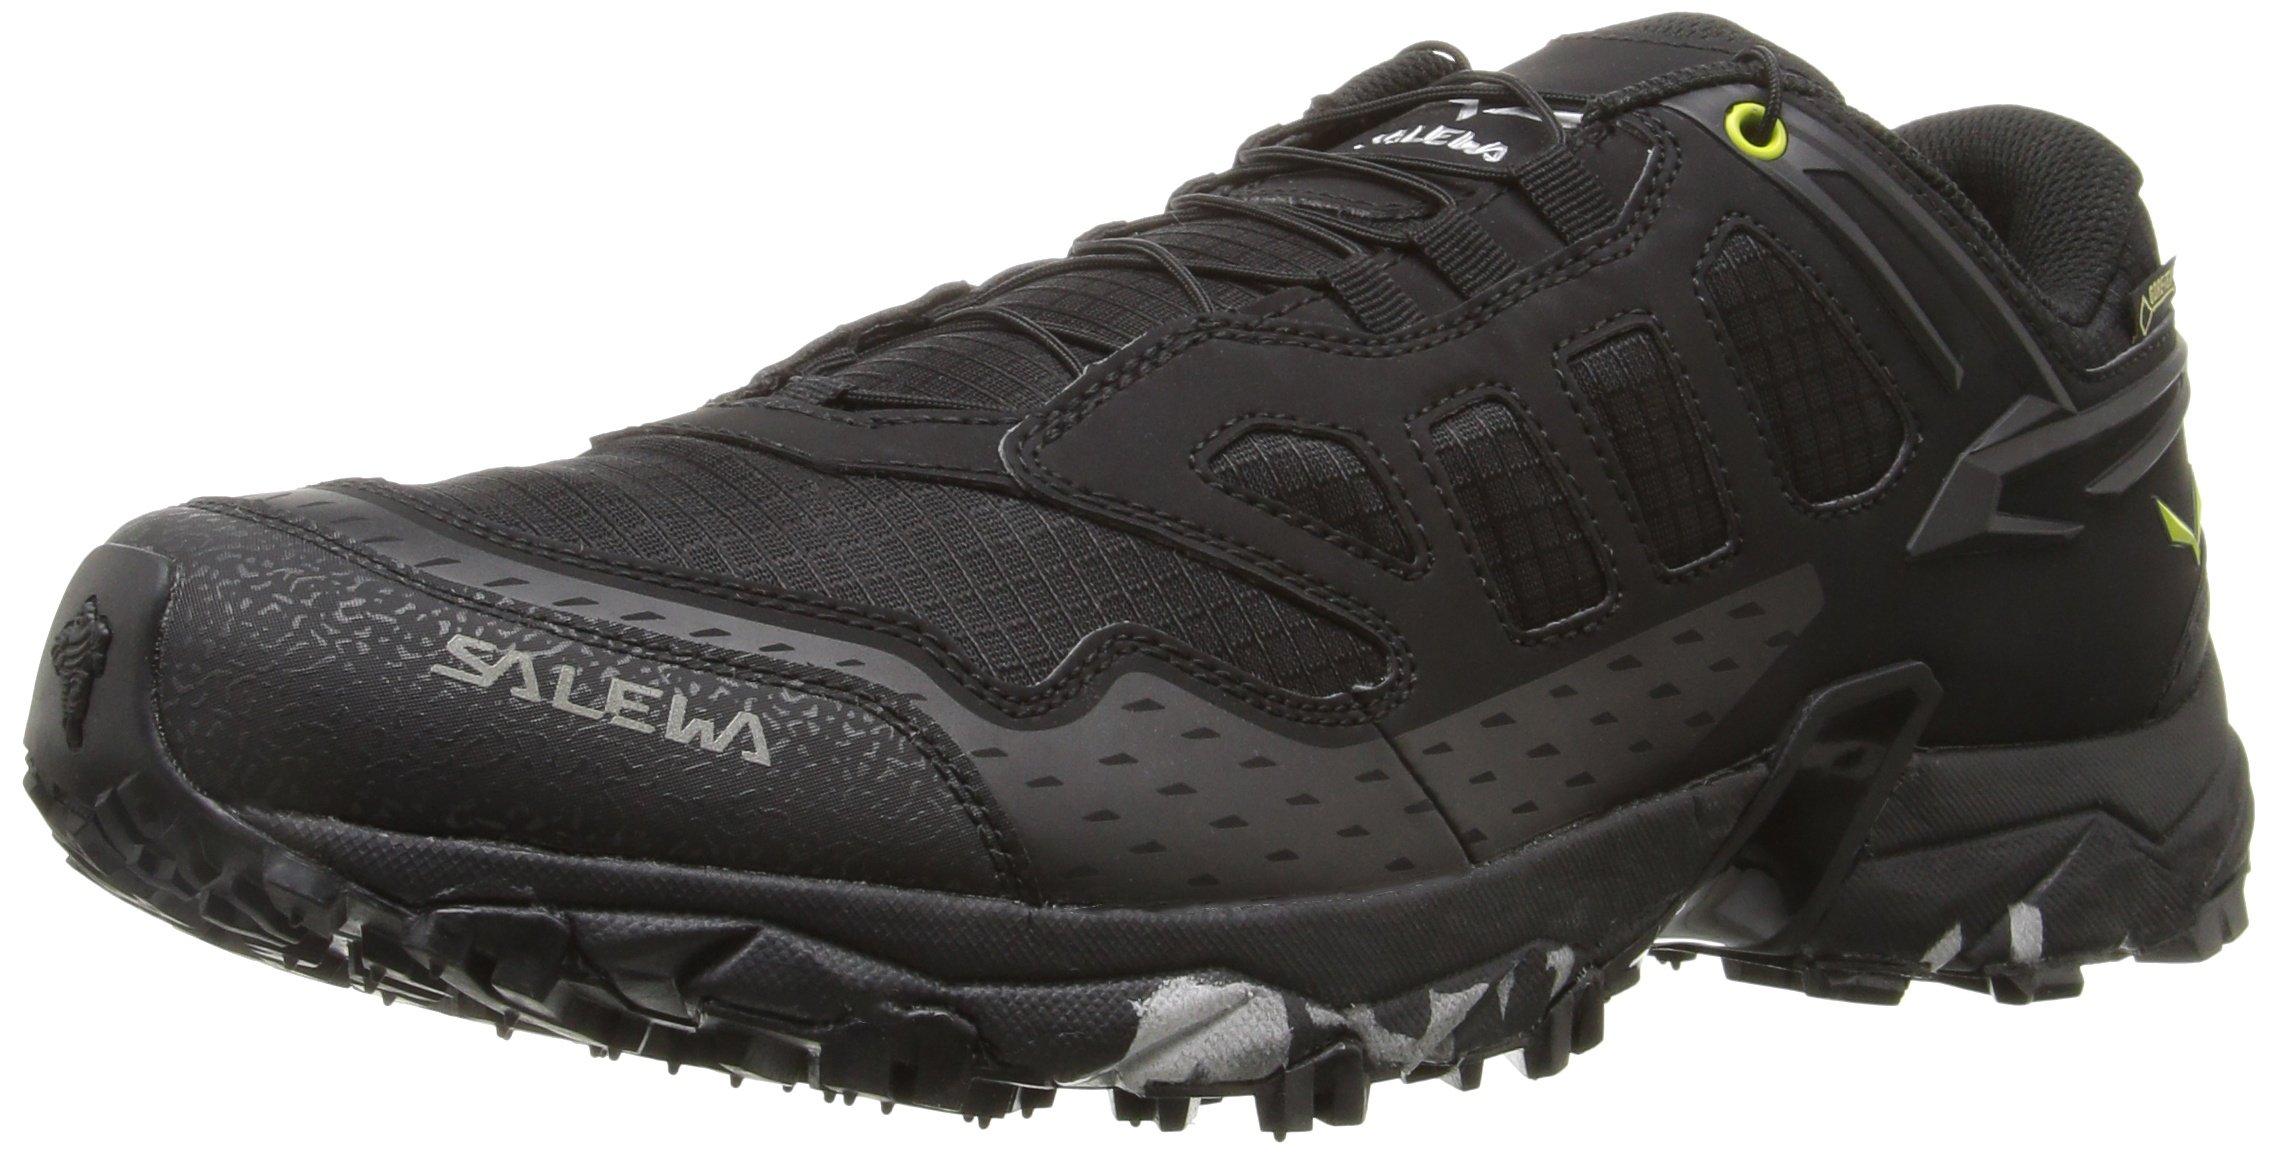 Salewa Men's Ultra Train GTX Mountain Training Shoe, Black/Swing Green, 9.5